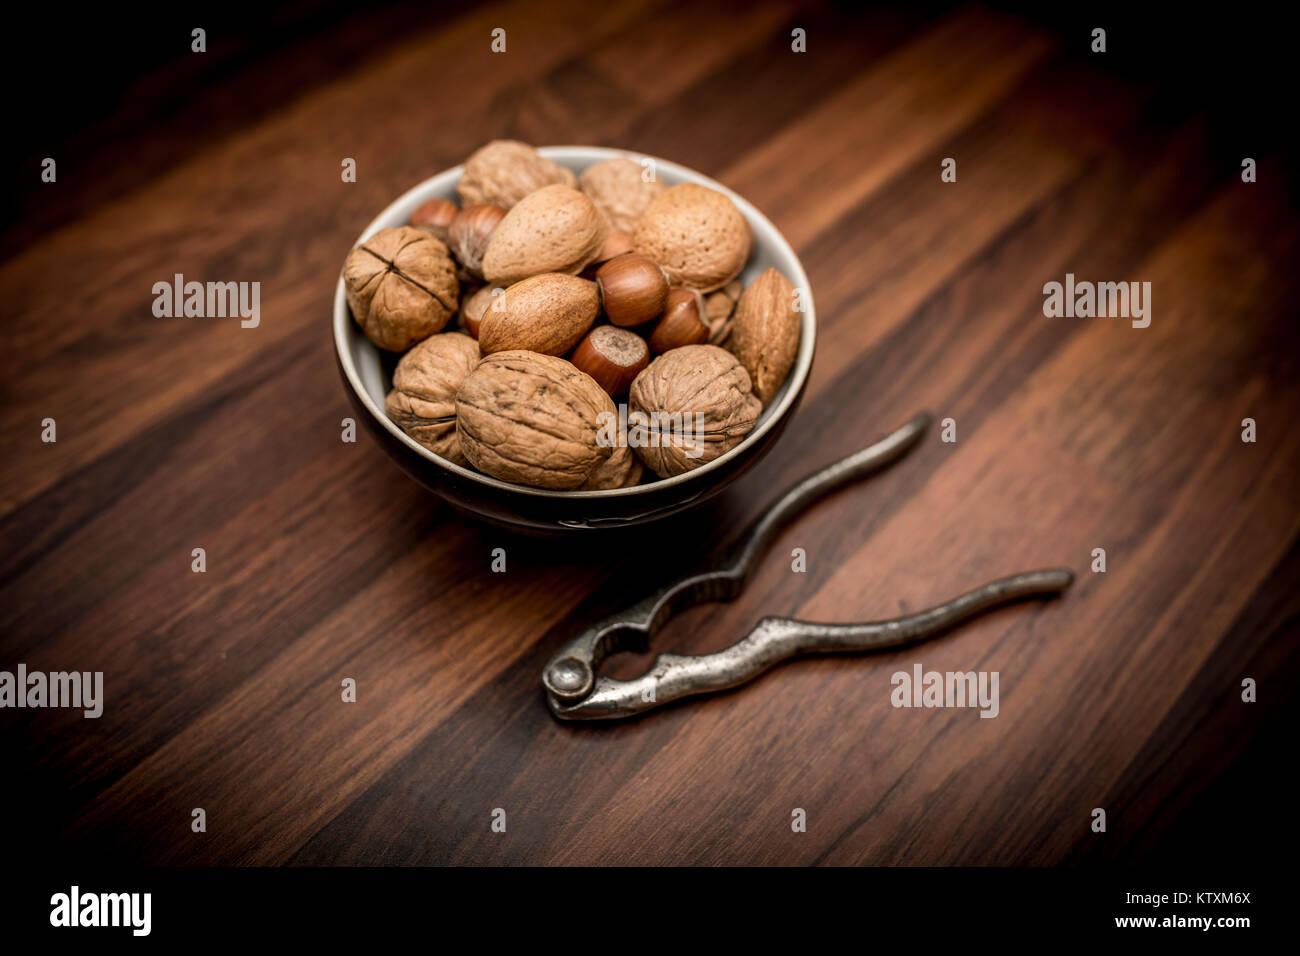 Un recipiente de mezcla las nueces enteras en sus conchas incluidas las nueces, avellanas, almendras y pacanas con tuerca cracker Foto de stock